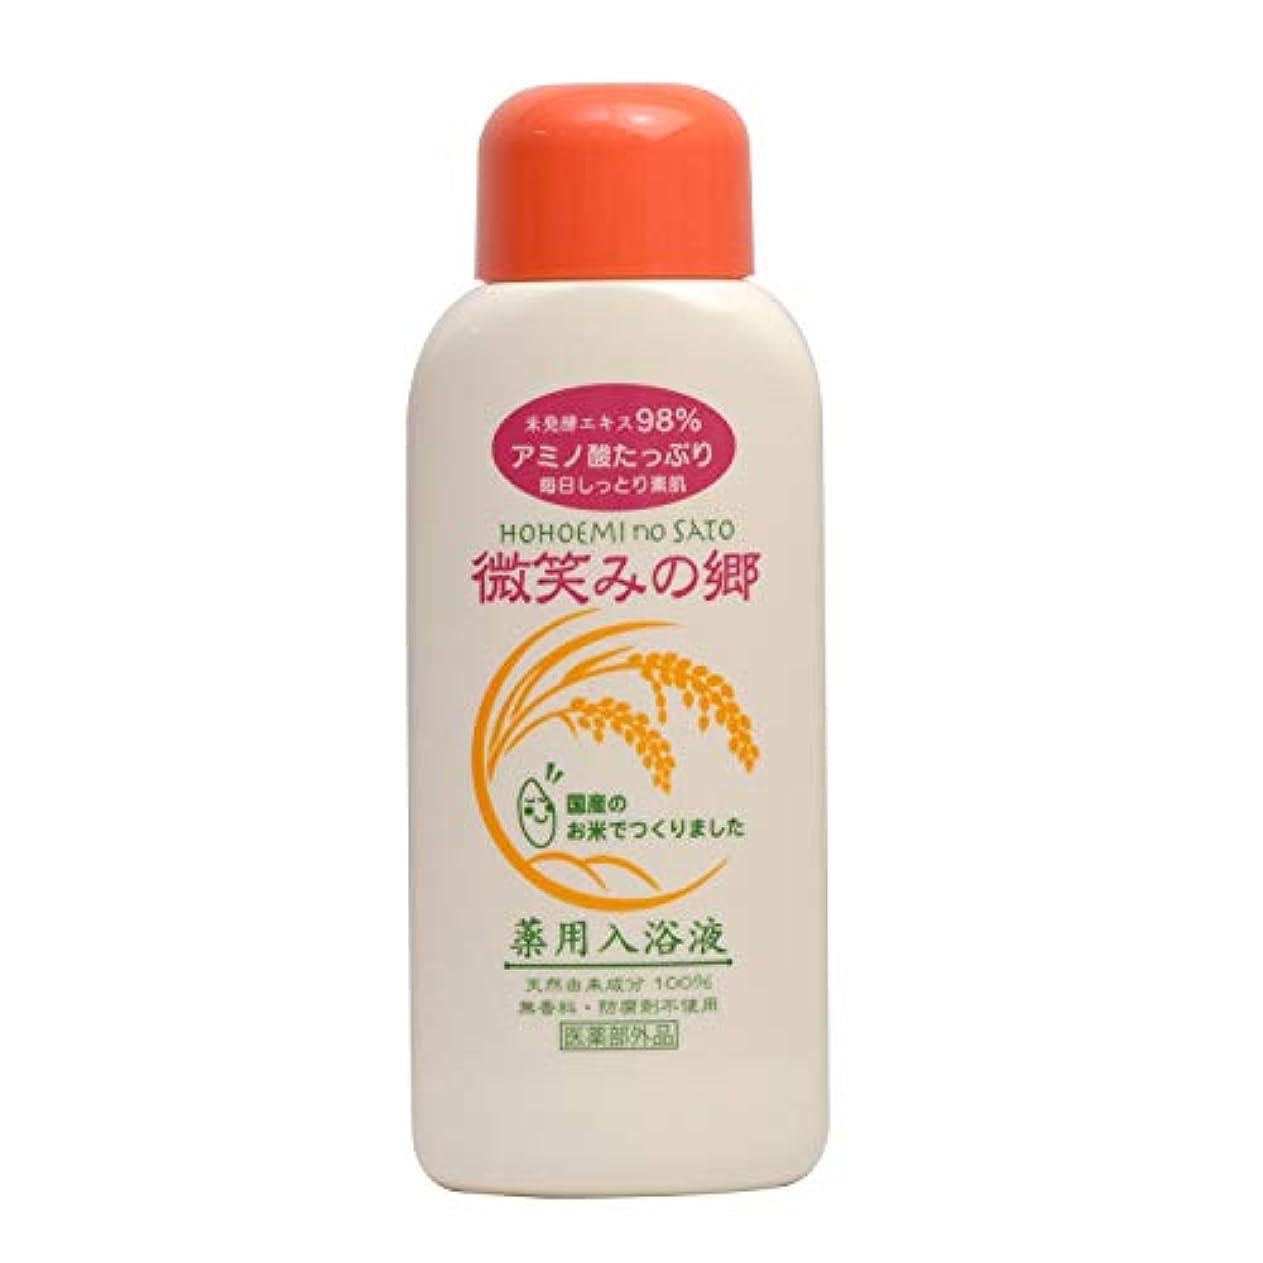 植生ペレットスタッフHOHOEMI no SATO(微笑みの郷) ミスアール N 入浴剤 600ml